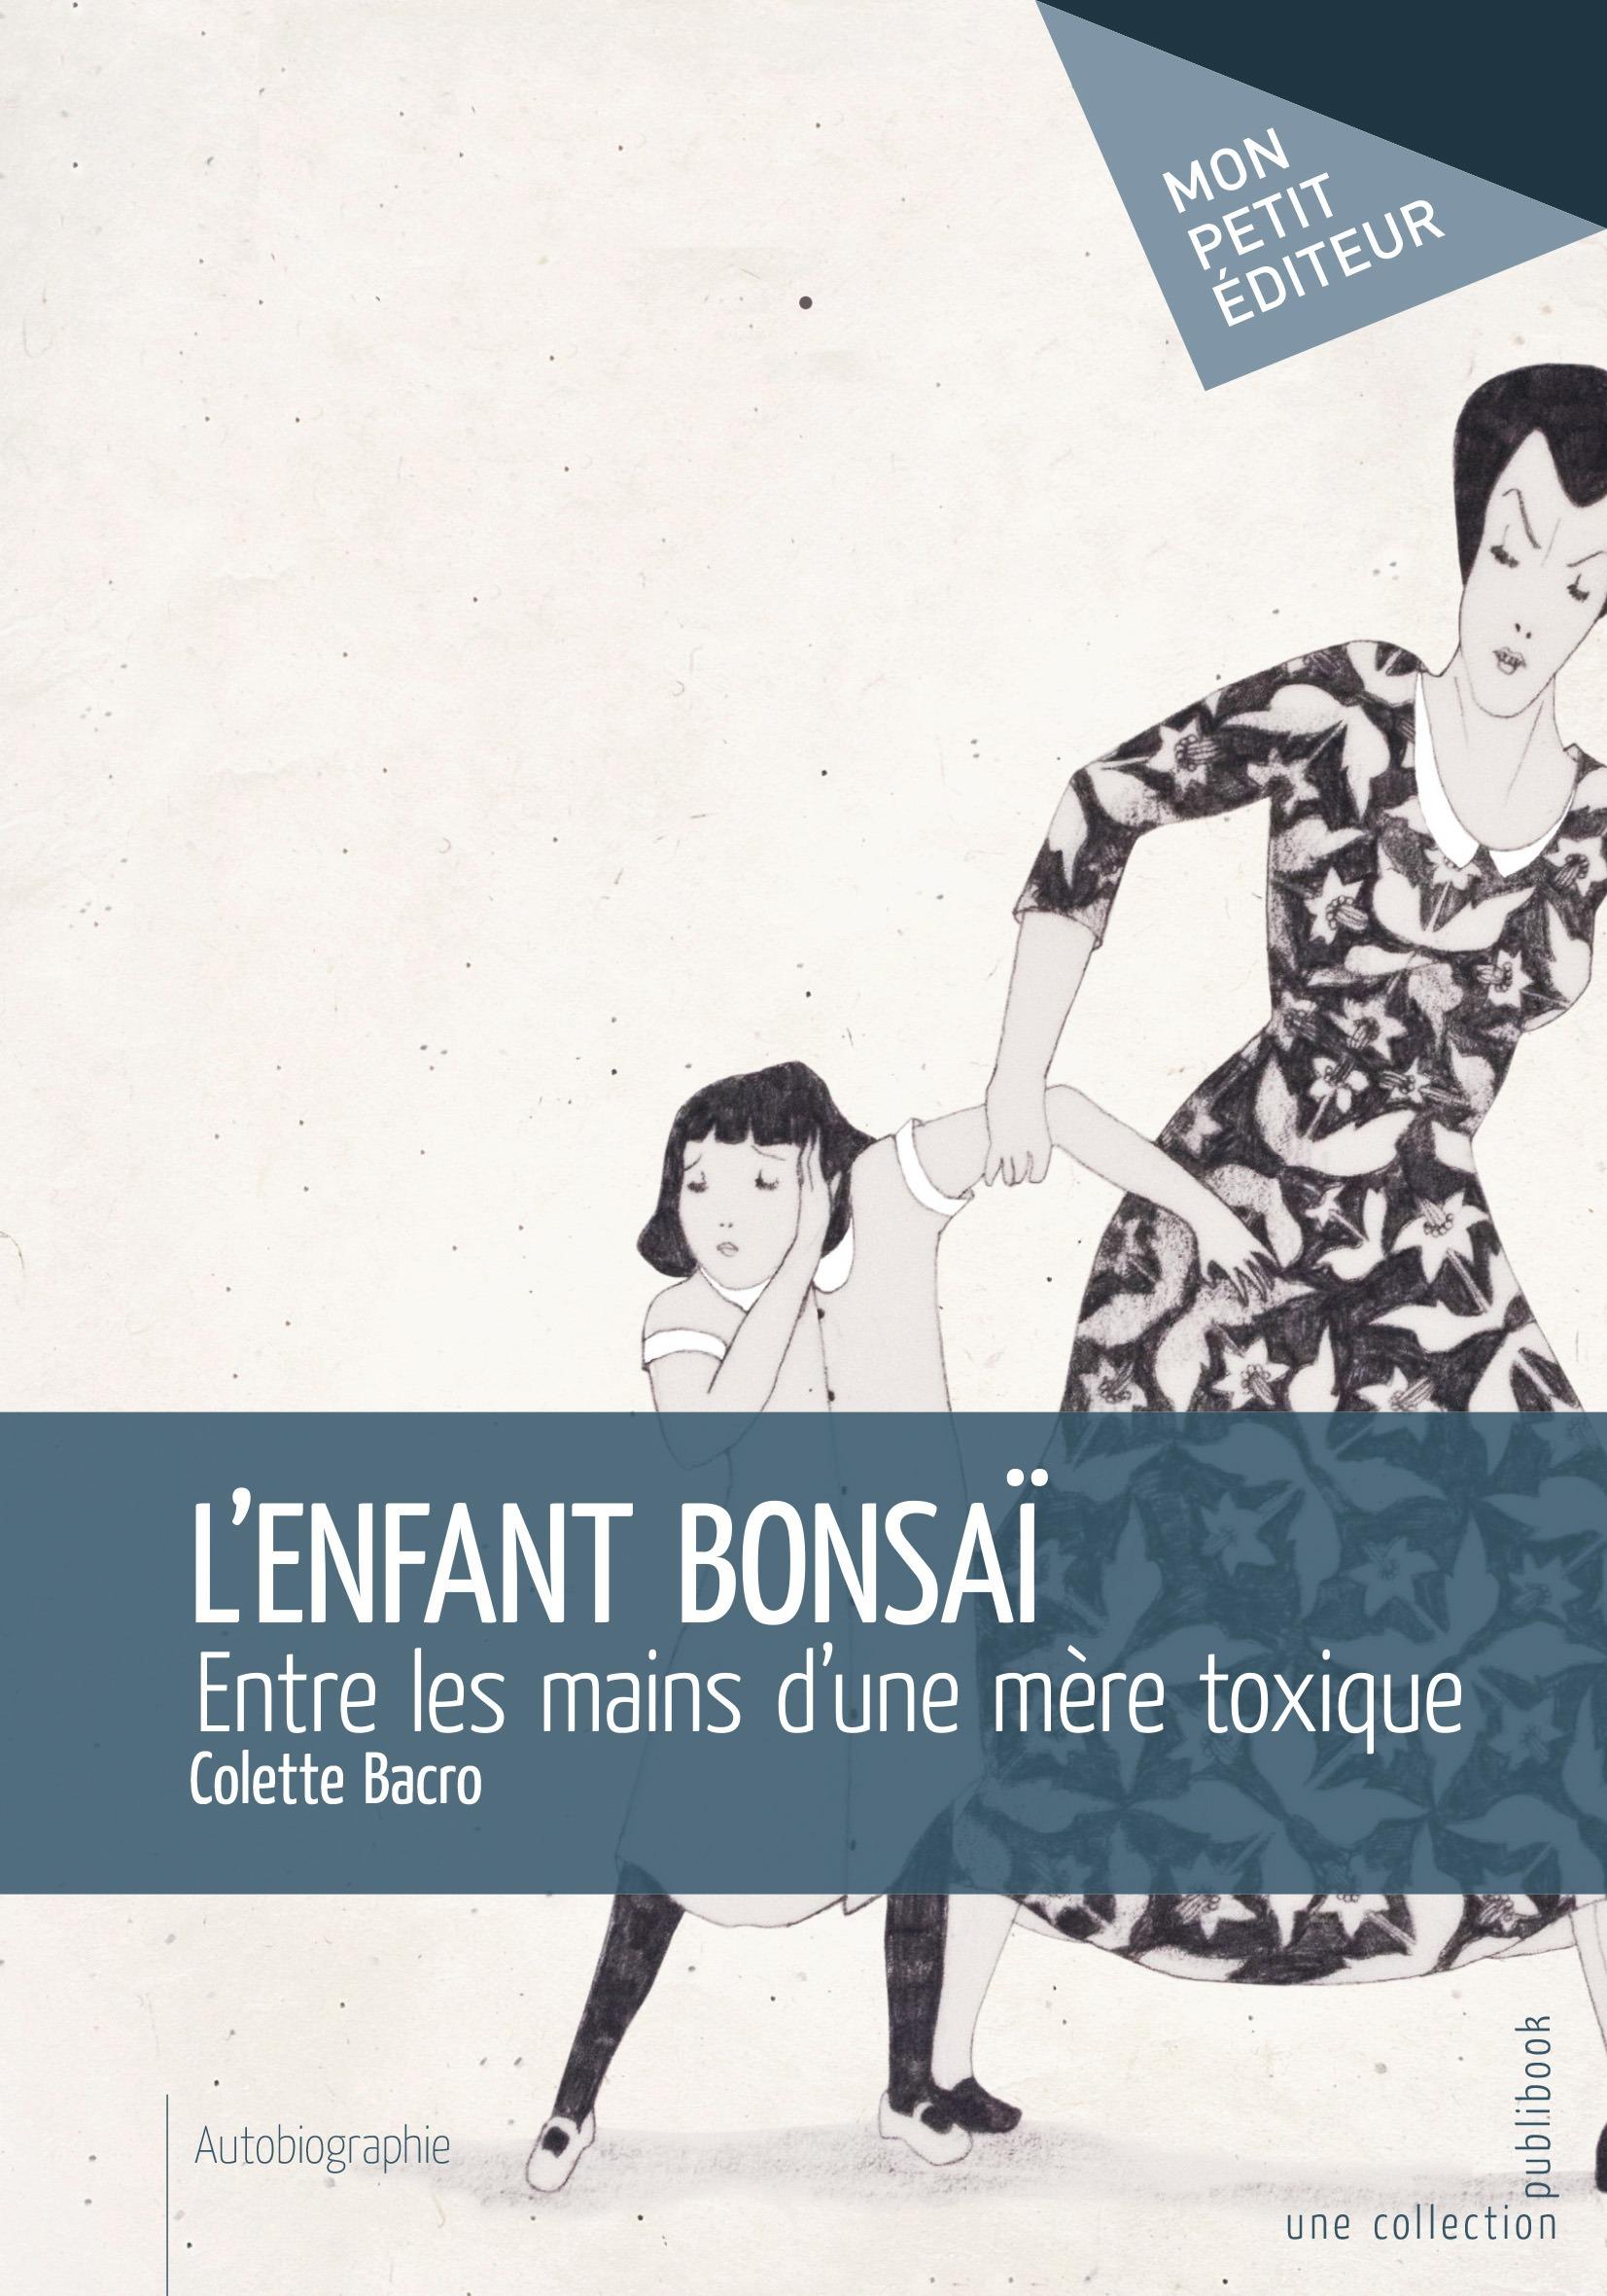 L'enfant bonsaï ; entre les mains d'une mère toxique